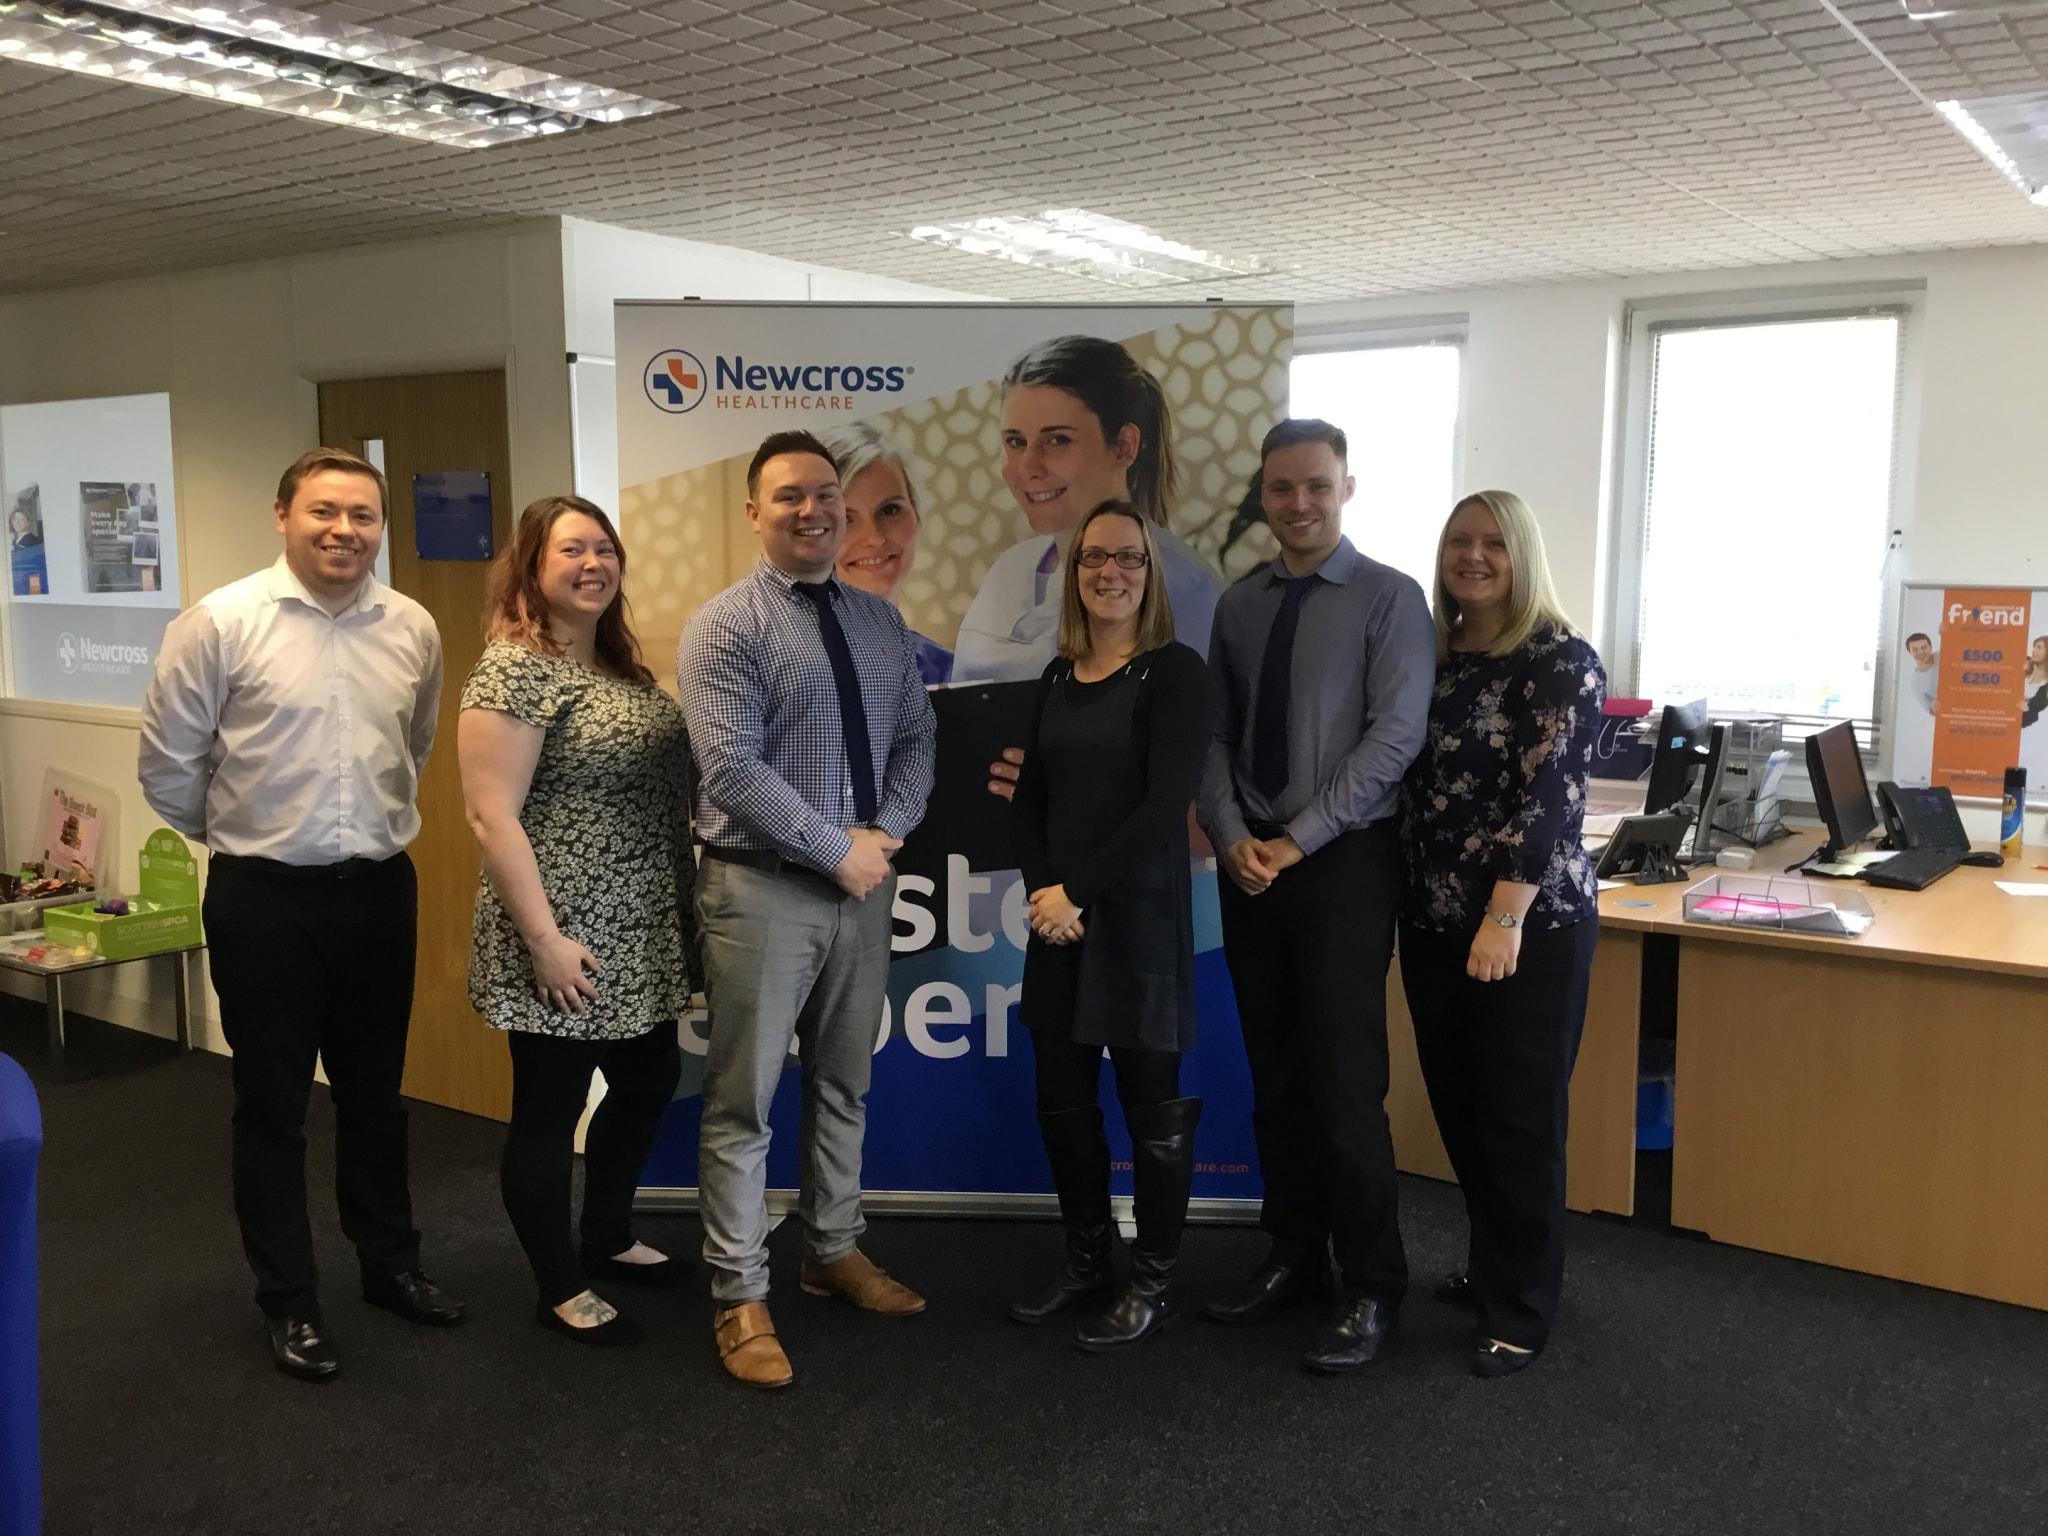 Team Photo – Super Hub in Hamilton Scotland